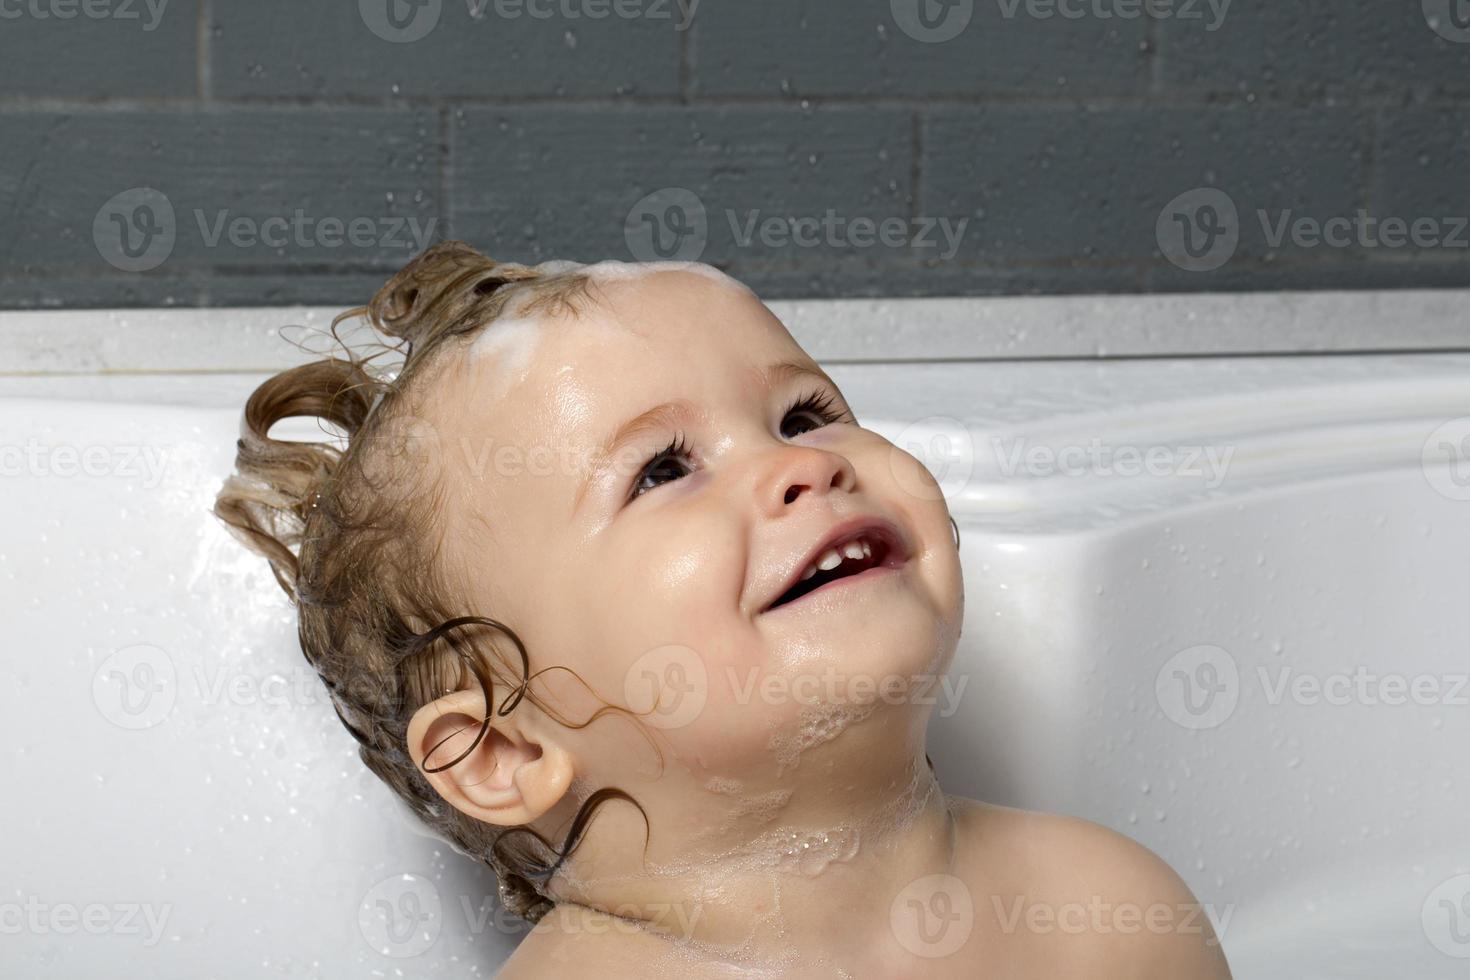 gelukkig jongetje in bad foto